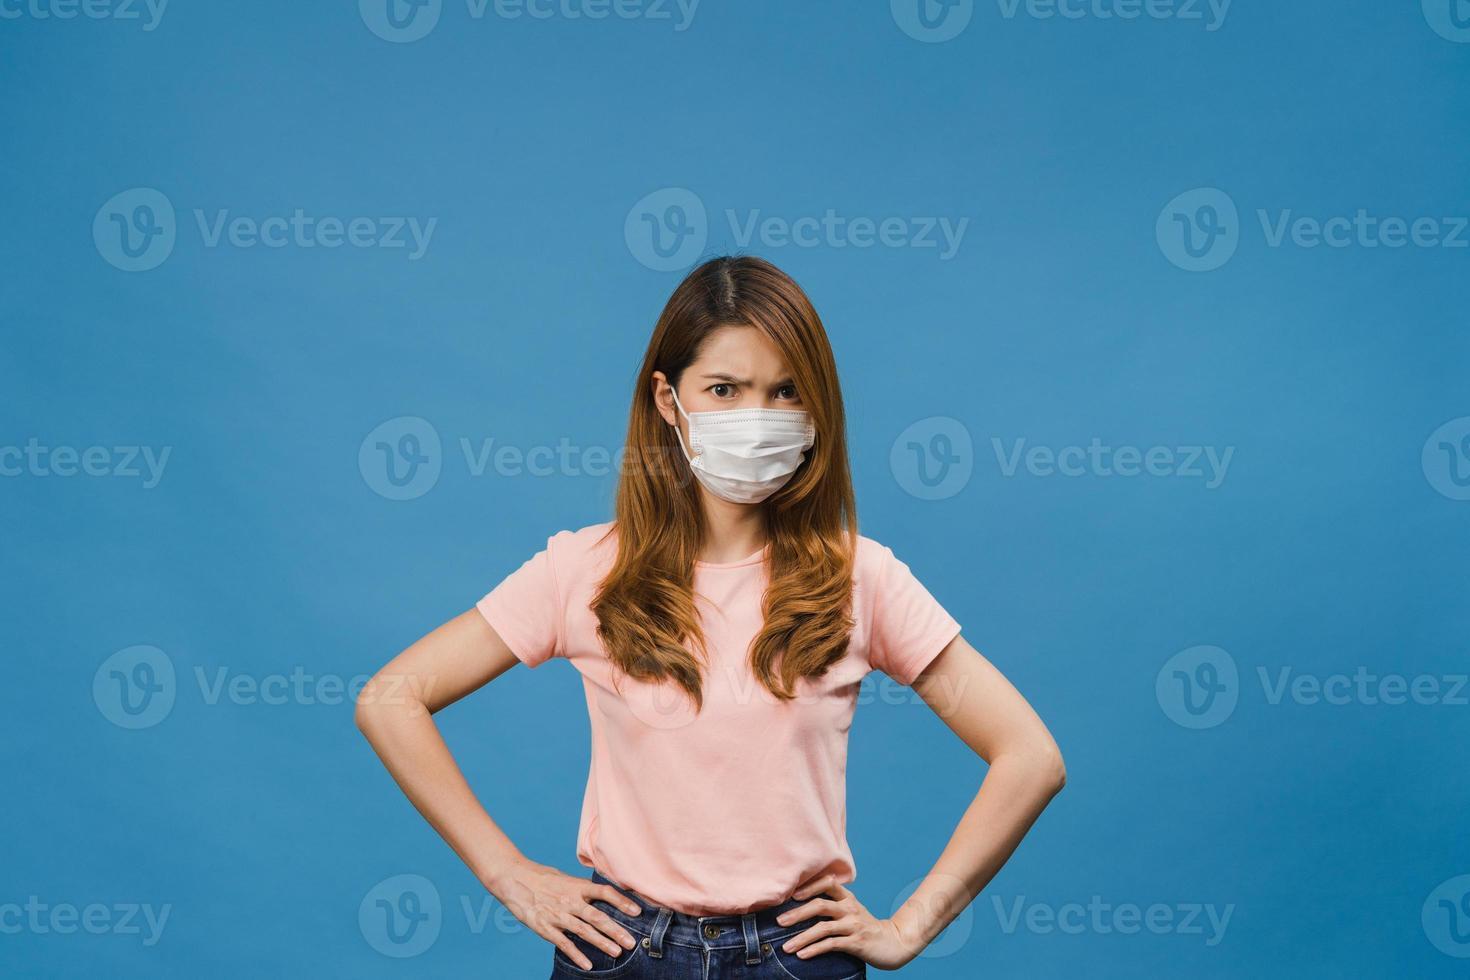 junge asiatische Mädchen tragen medizinische Gesichtsmaske mit negativem Ausdruck, aufgeregtem Schrei, weinen emotional wütend und betrachten die Kamera einzeln auf blauem Hintergrund. soziale Distanzierung, Quarantäne wegen Corona-Virus. foto